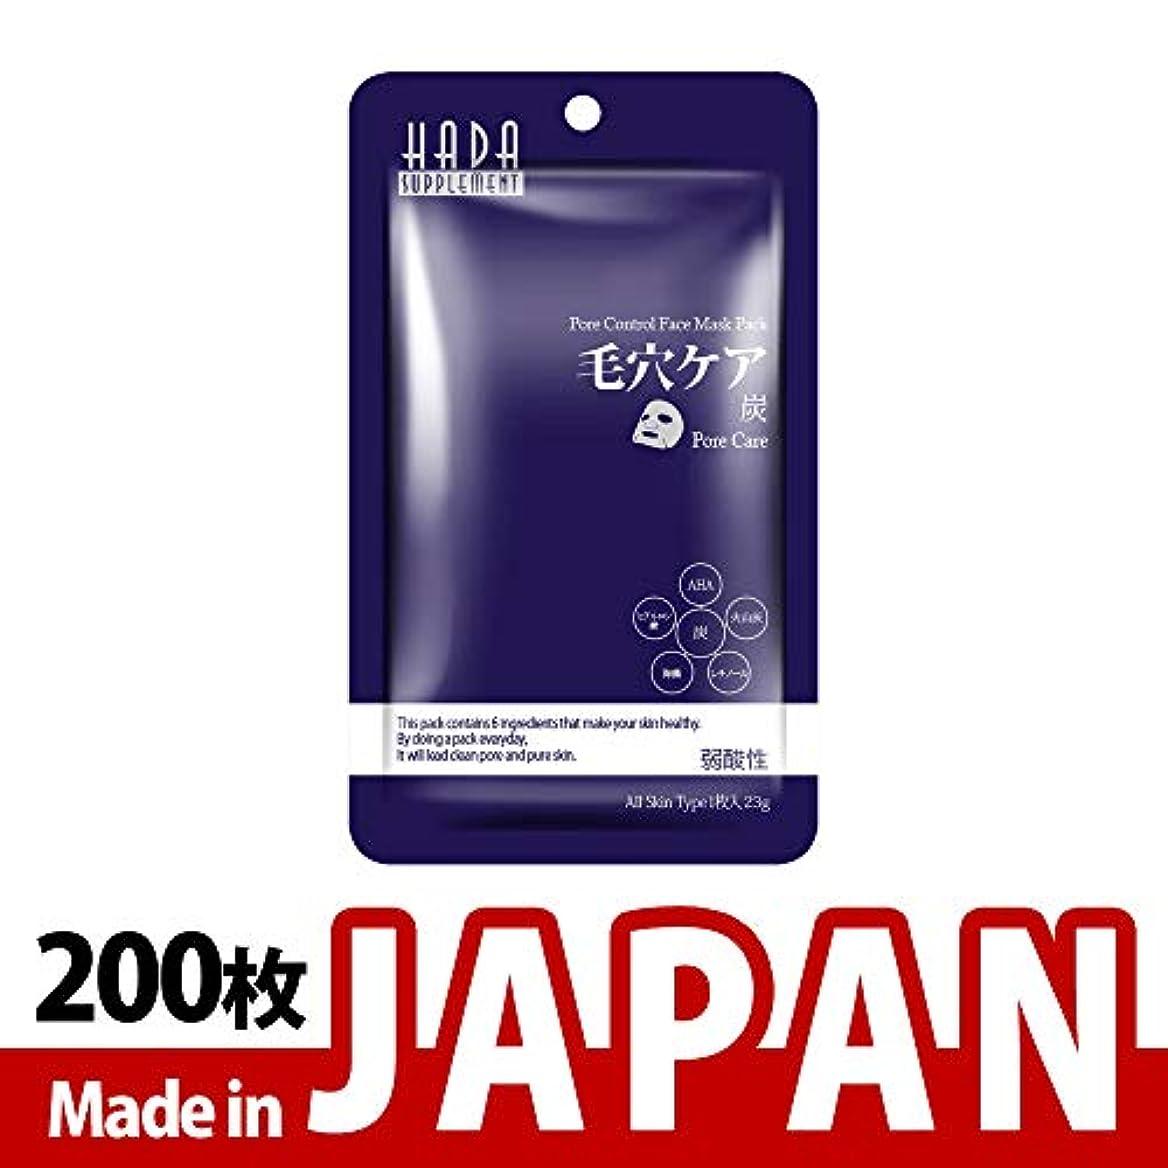 一般ミシン目有名【HS001-A-3】シートマスク日本製シートマスク/10枚入り/200枚/美容液/マスクパック/送料無料